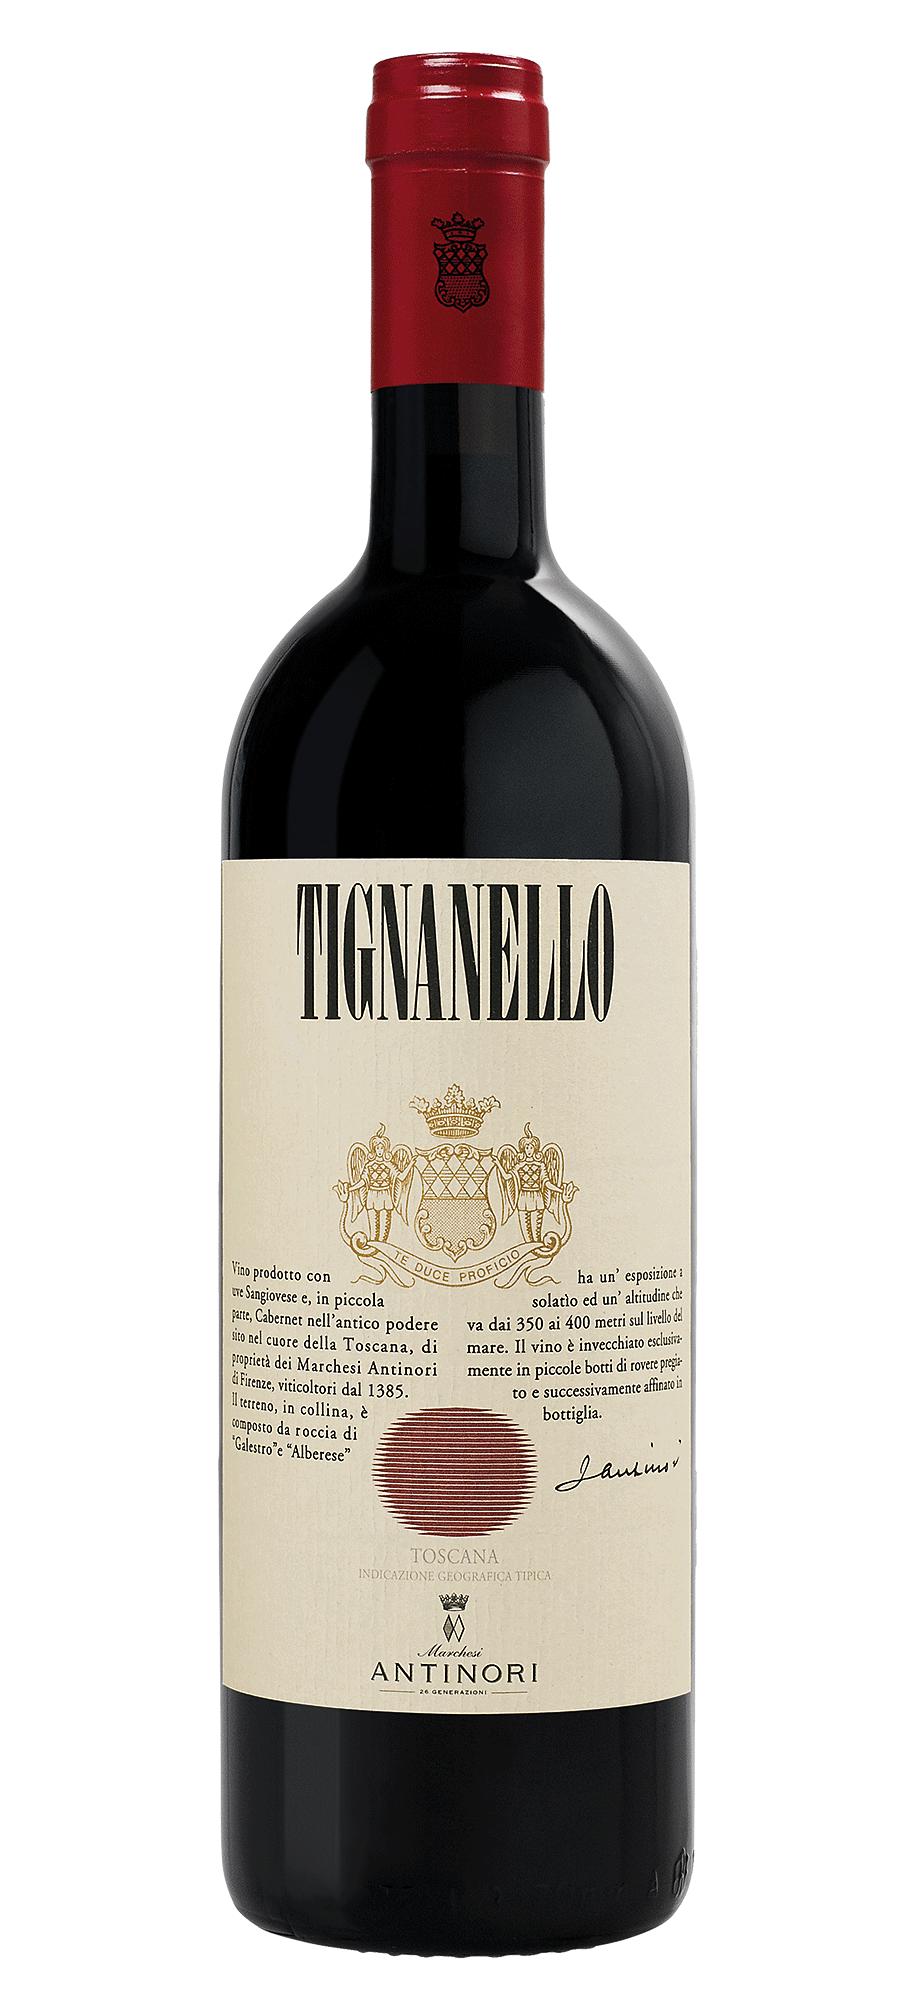 Tignanello Antinori Toscana